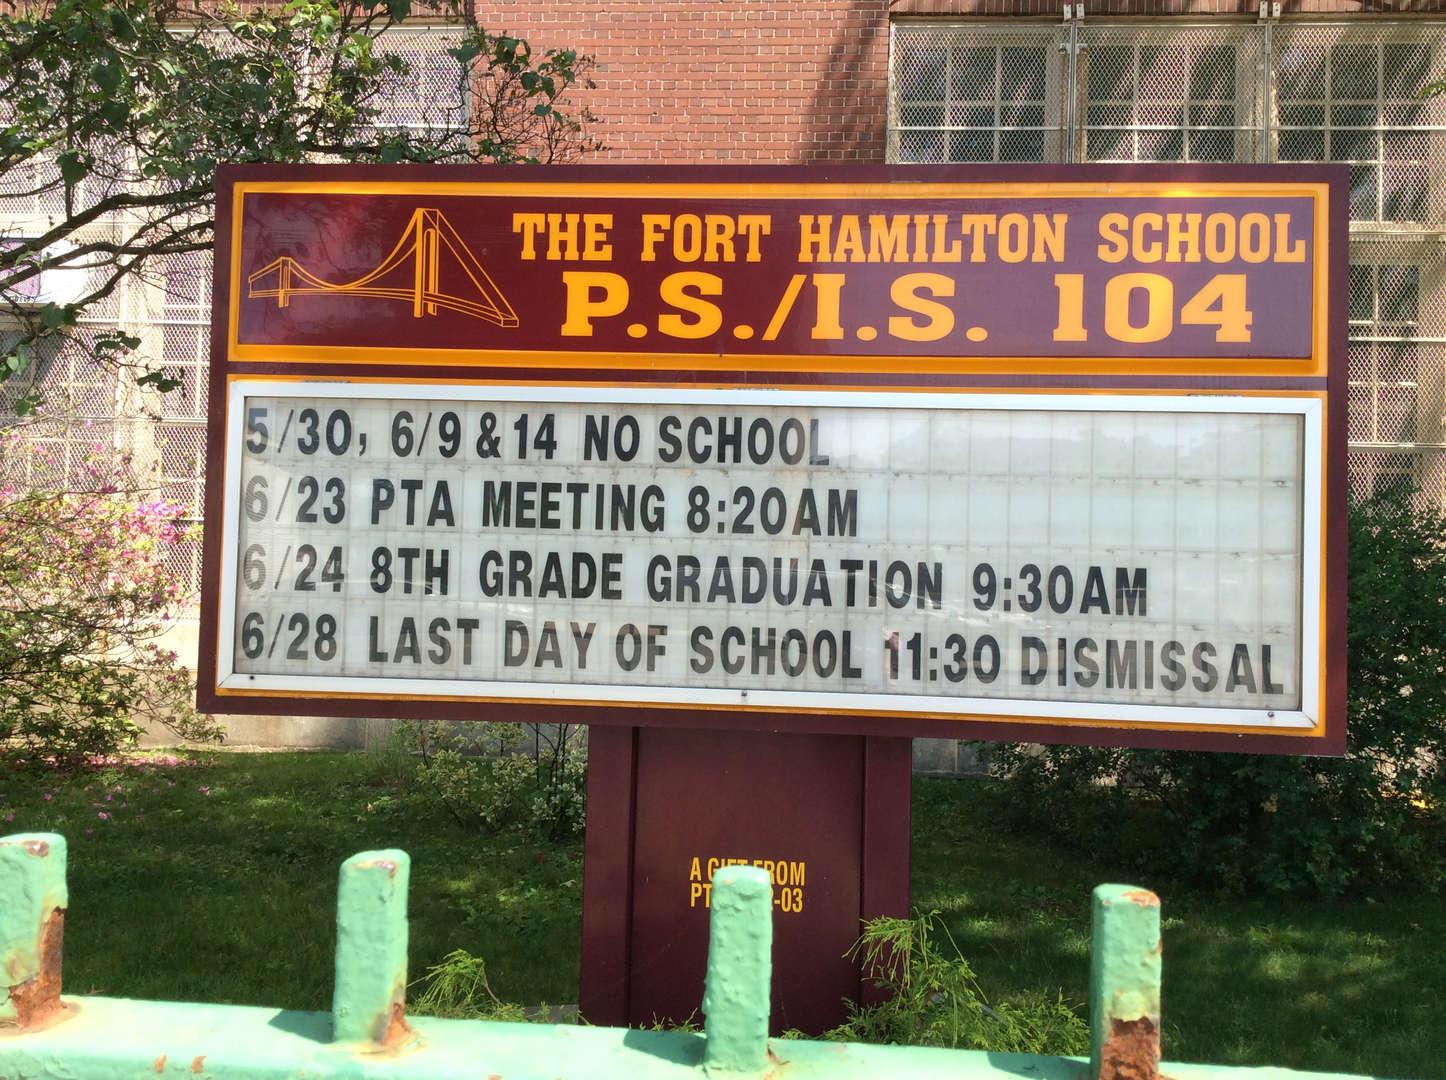 School outdoor sign